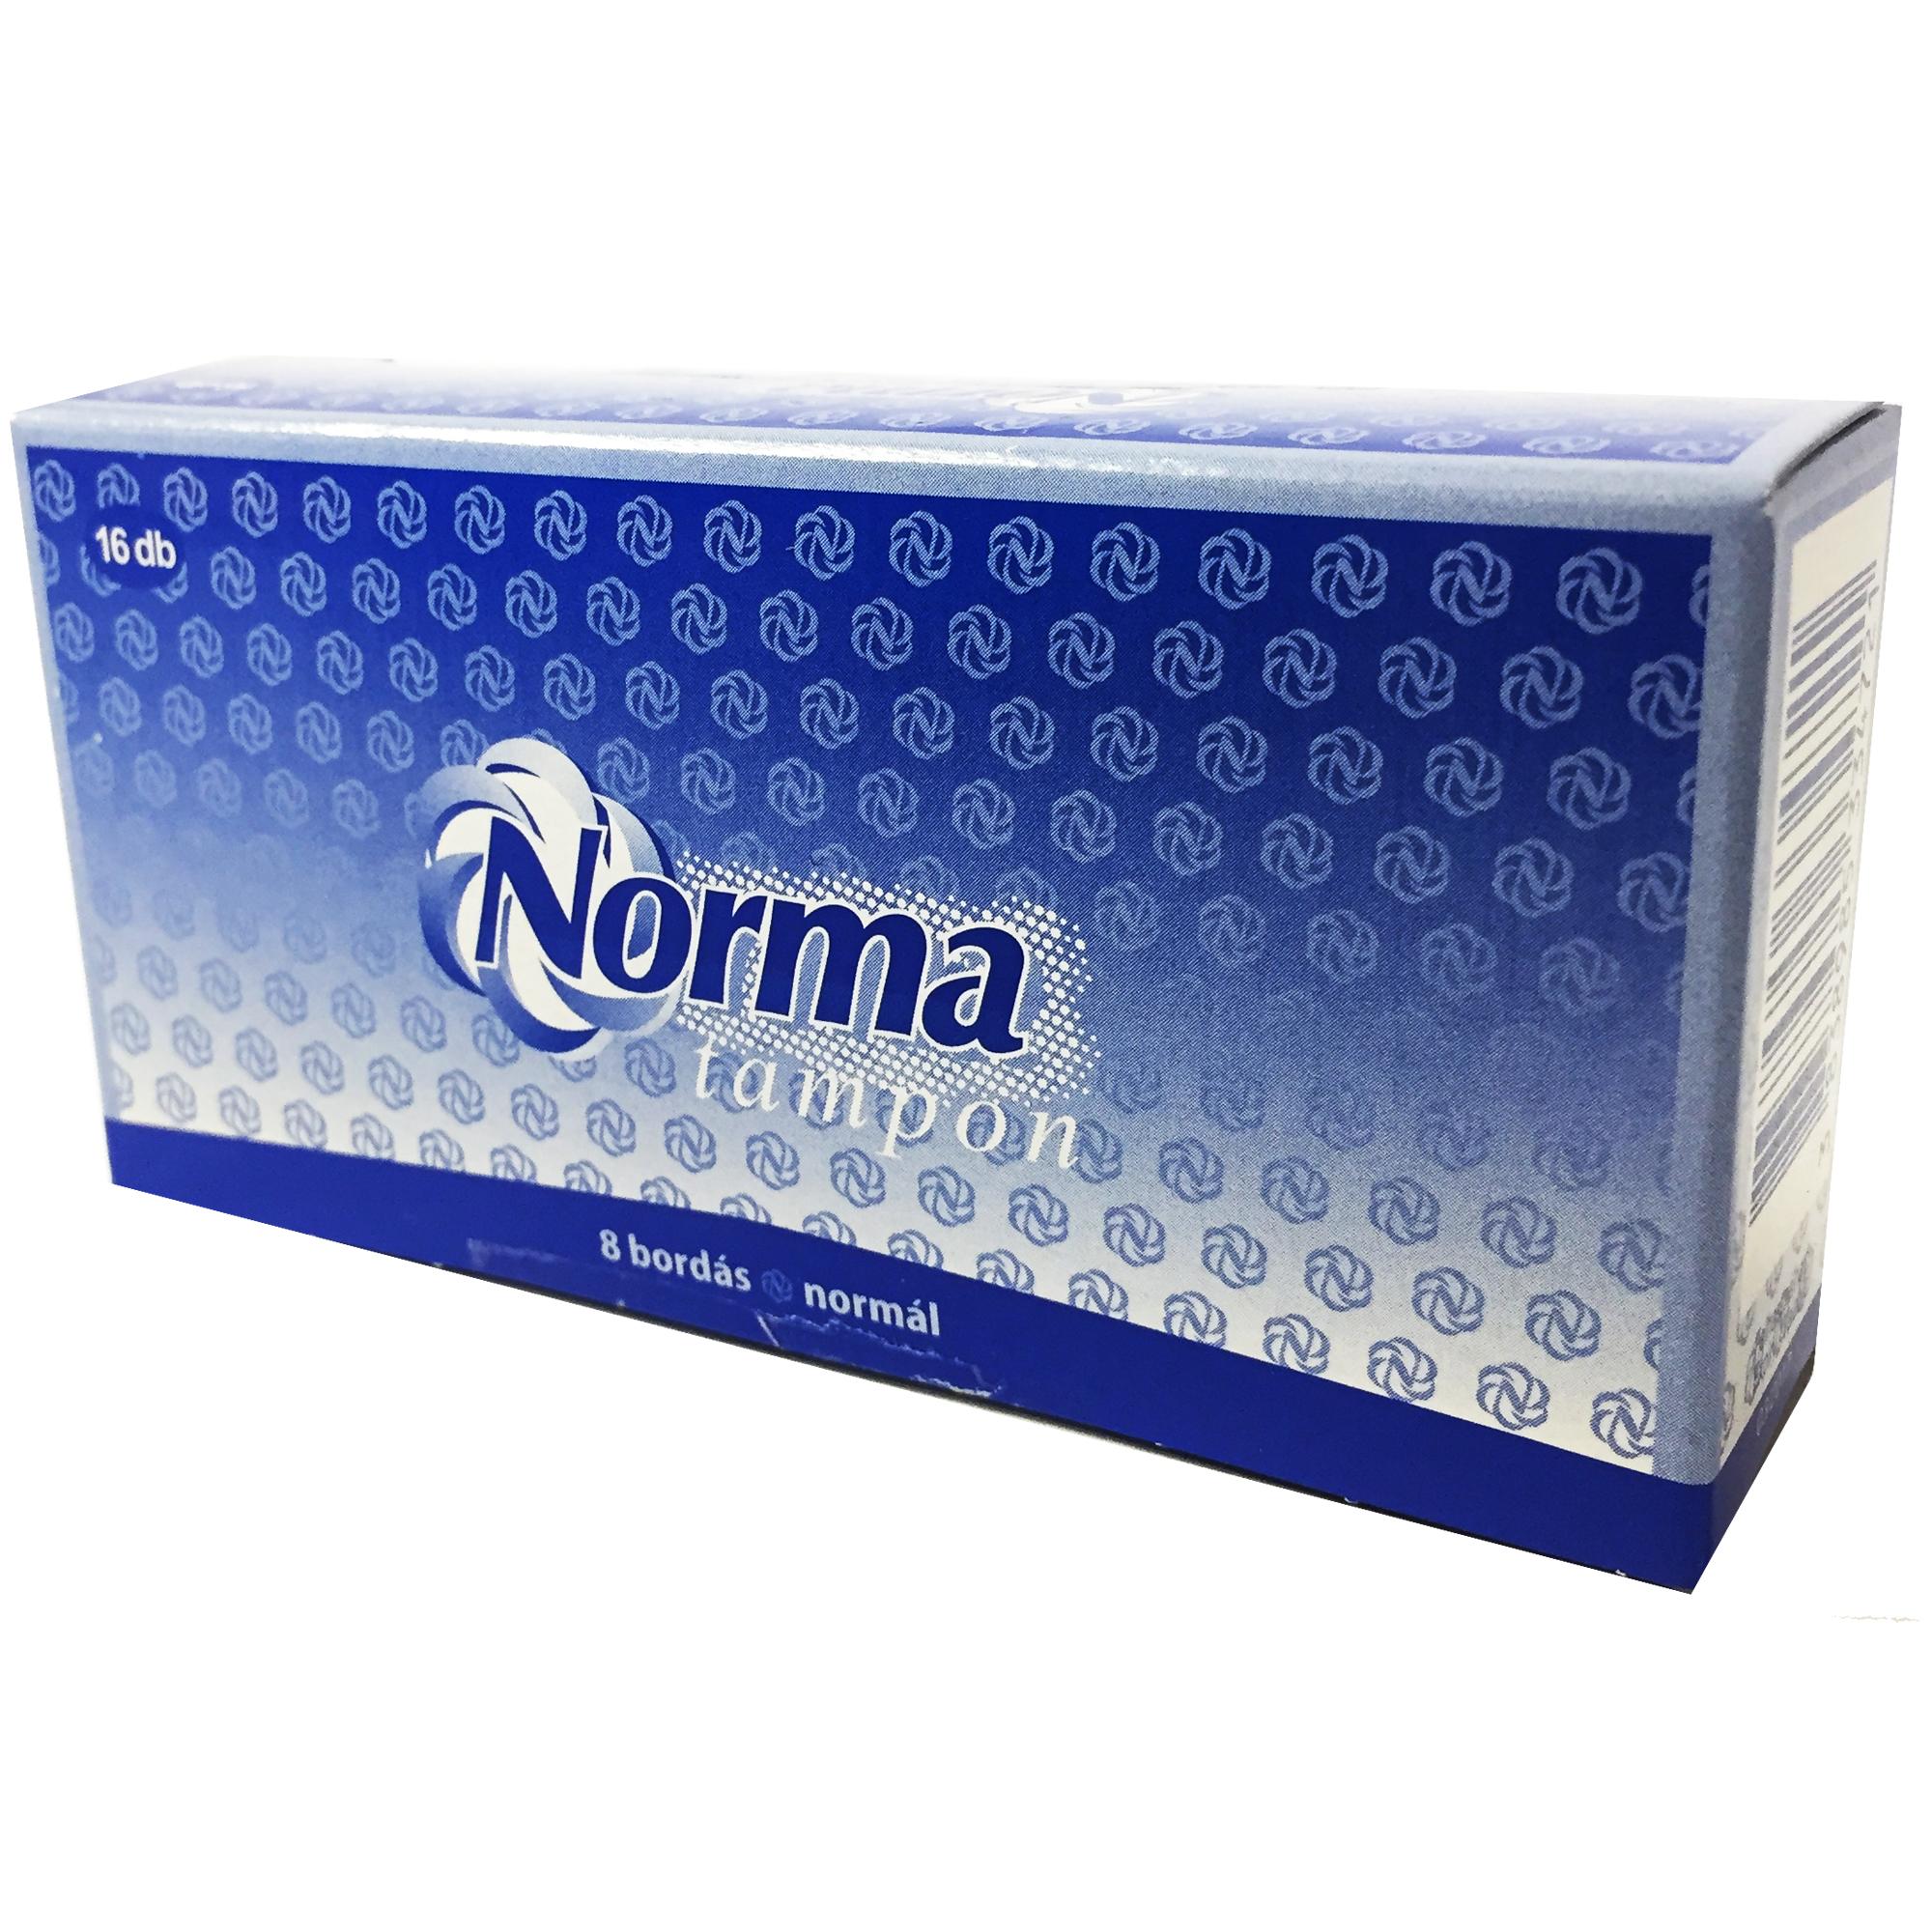 norma-normal_16_center